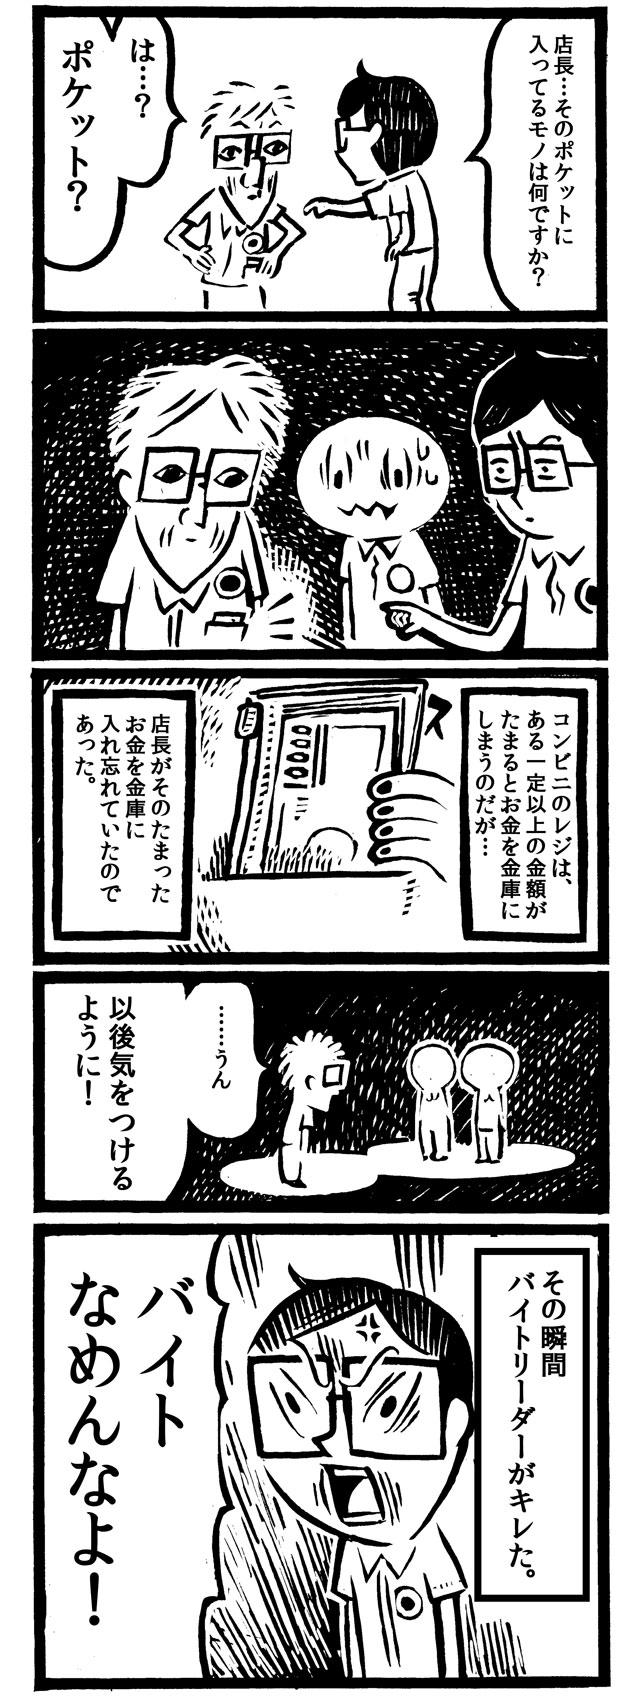 f:id:kakijiro:20150708185500j:plain